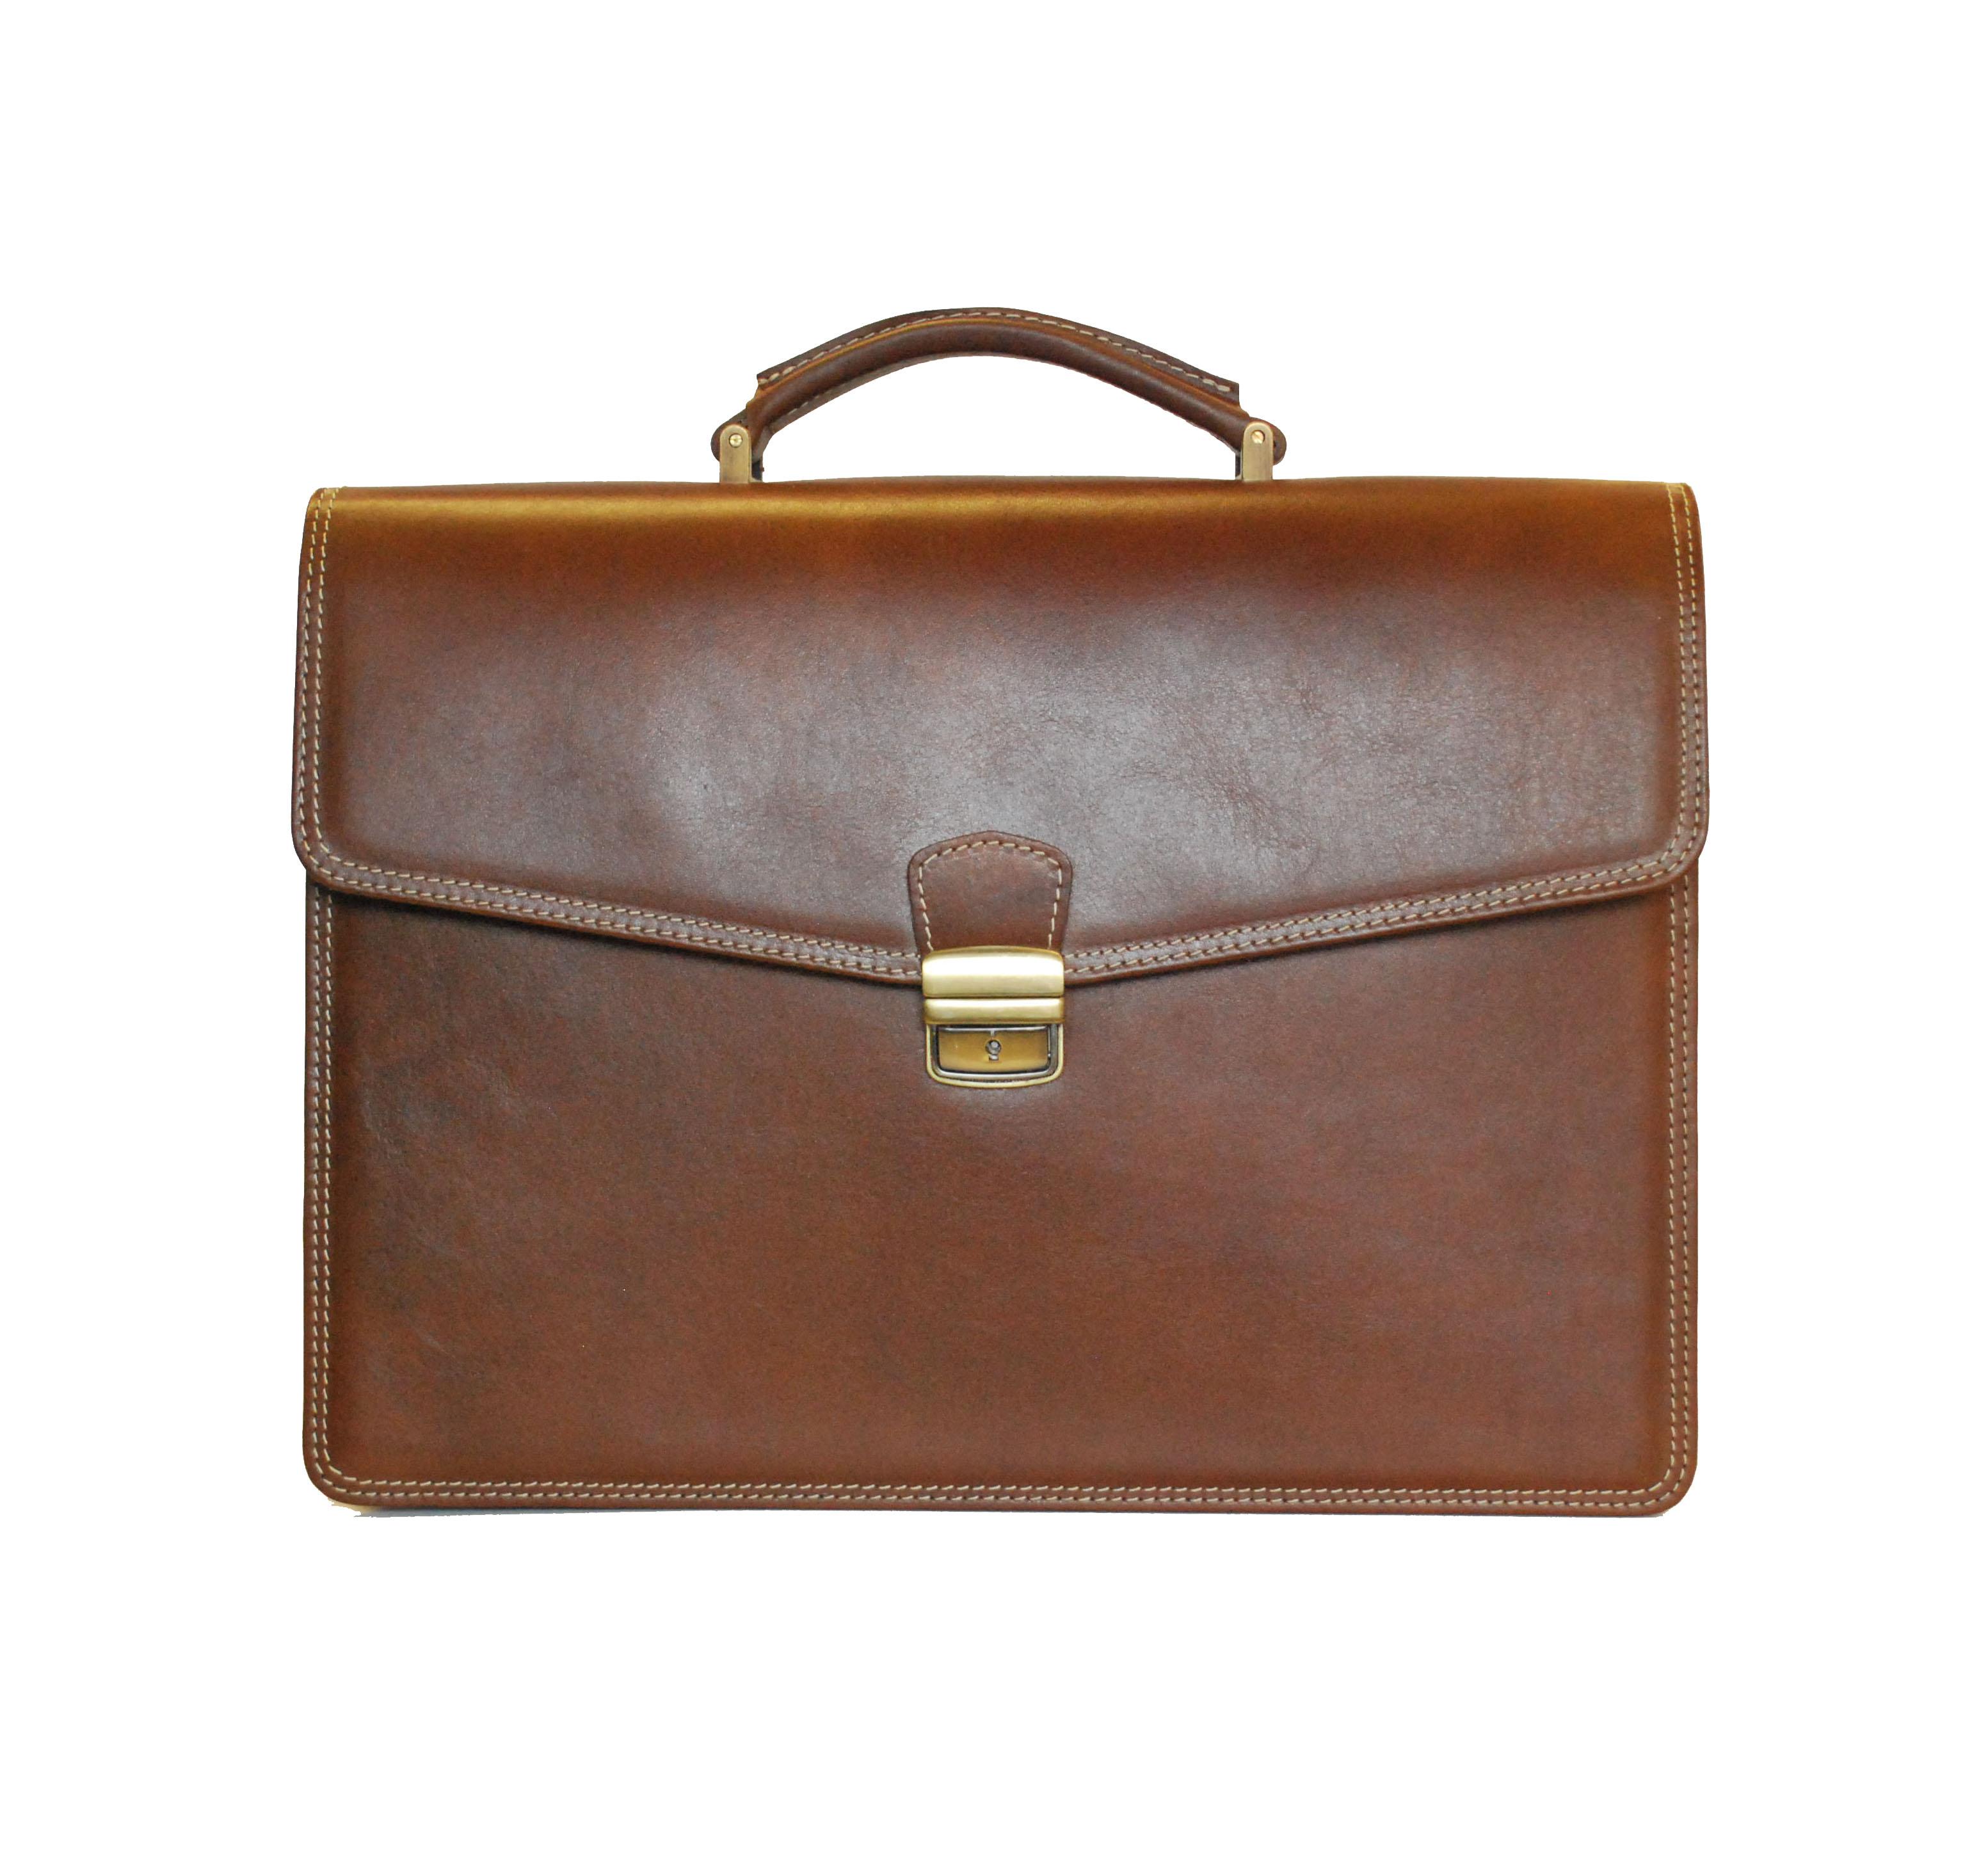 9fa2de74d8 Luxusná kožená aktovka č.8131 v hnedej farbe · Luxusné a módne ...